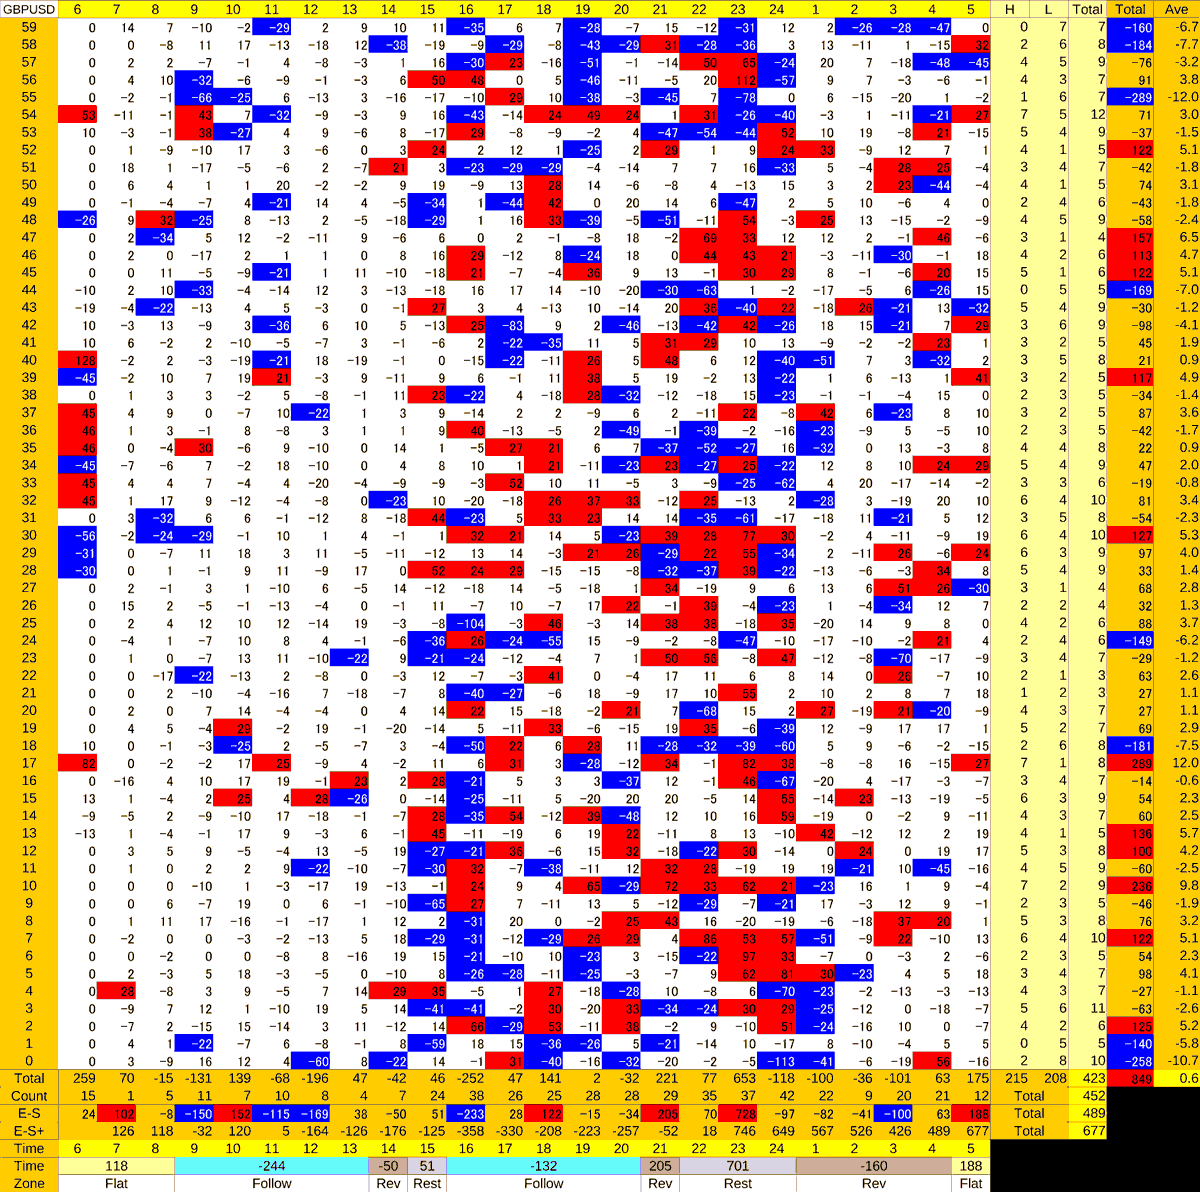 20200930_HS(2)GBPUSD